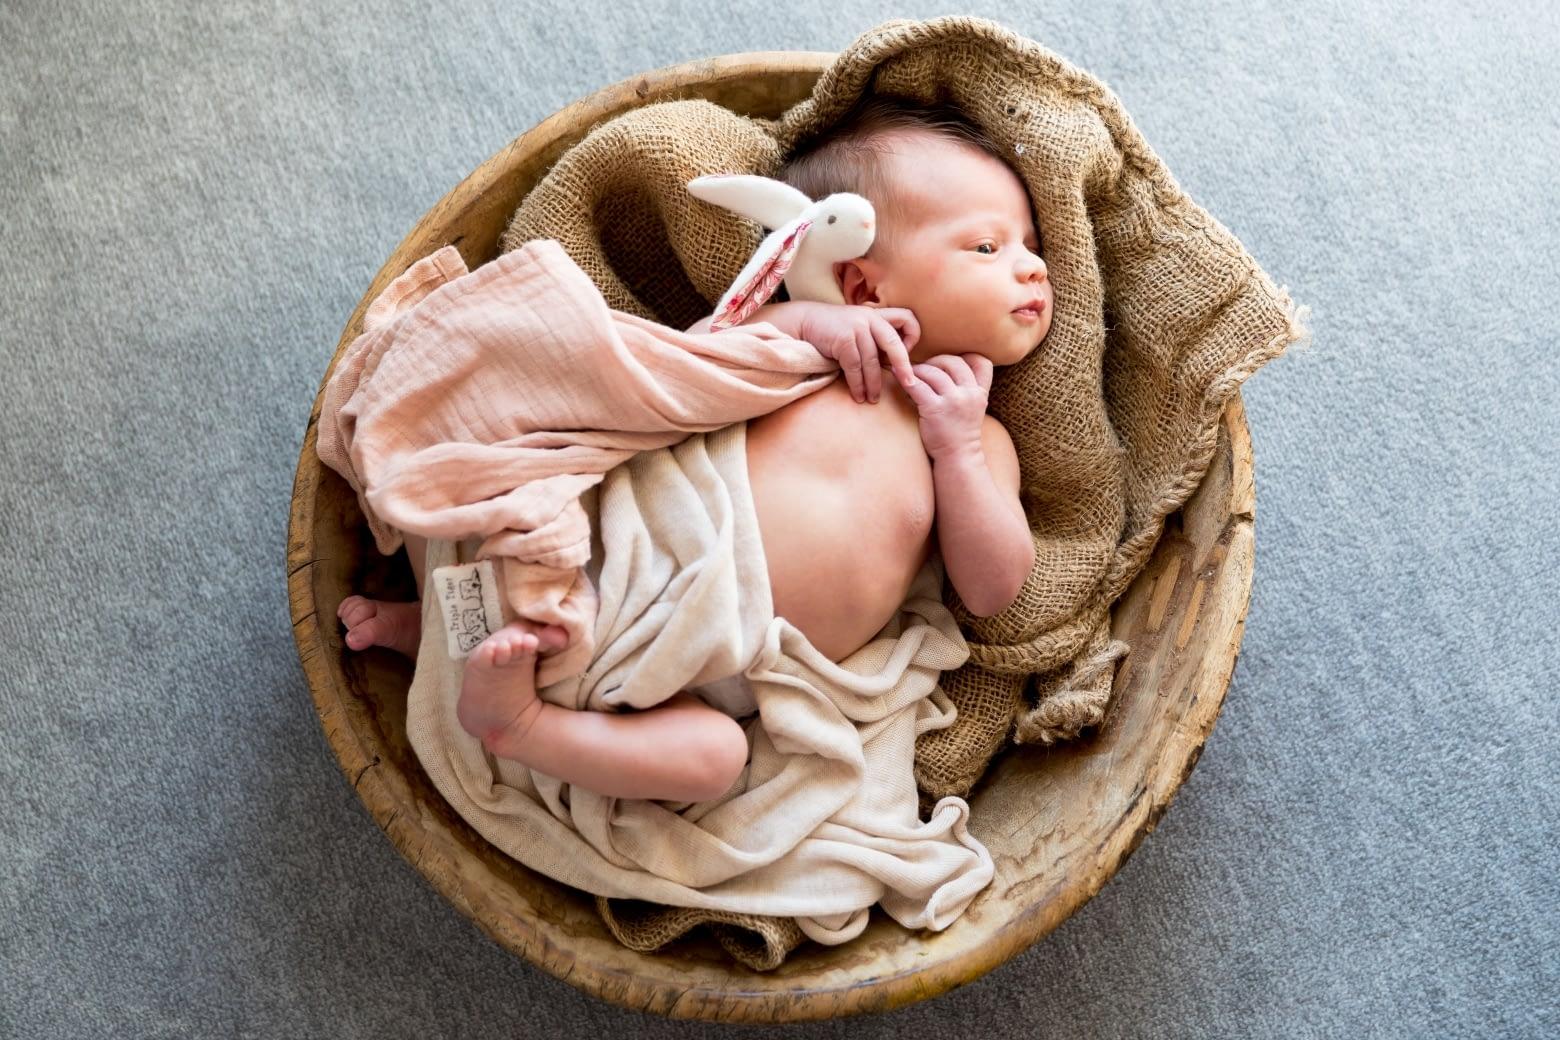 newborn baby foto ulm nuernberg muenchen augsburg erlangen allgaeu